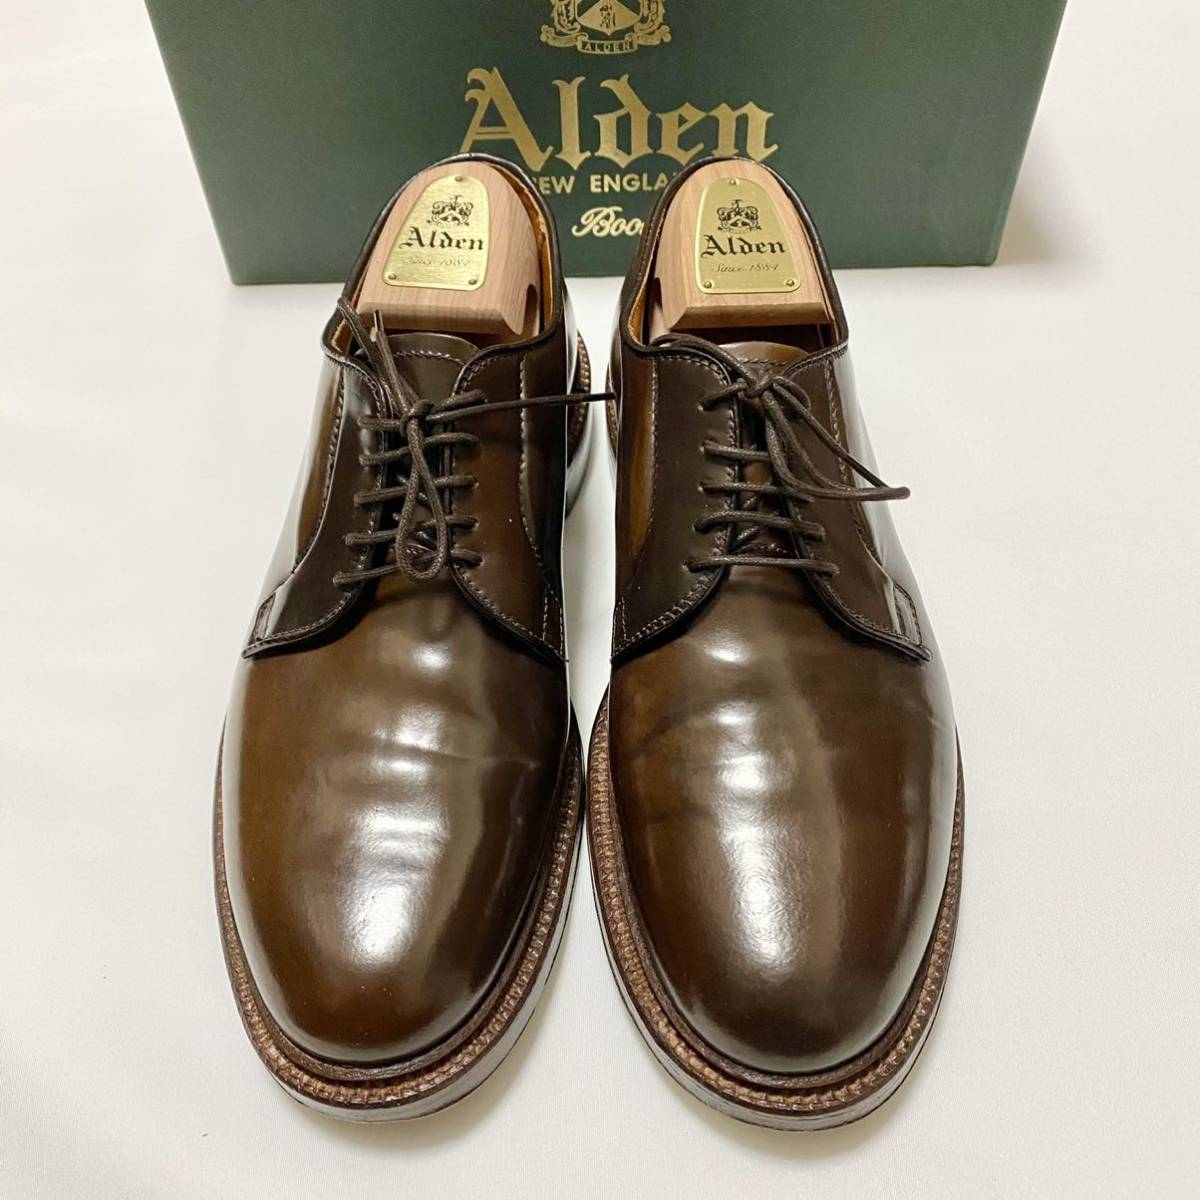 【着用3回】Alden Cigar Cordovan オールデン シガー コードバン PTB プレーントゥ 8E #93911_画像1